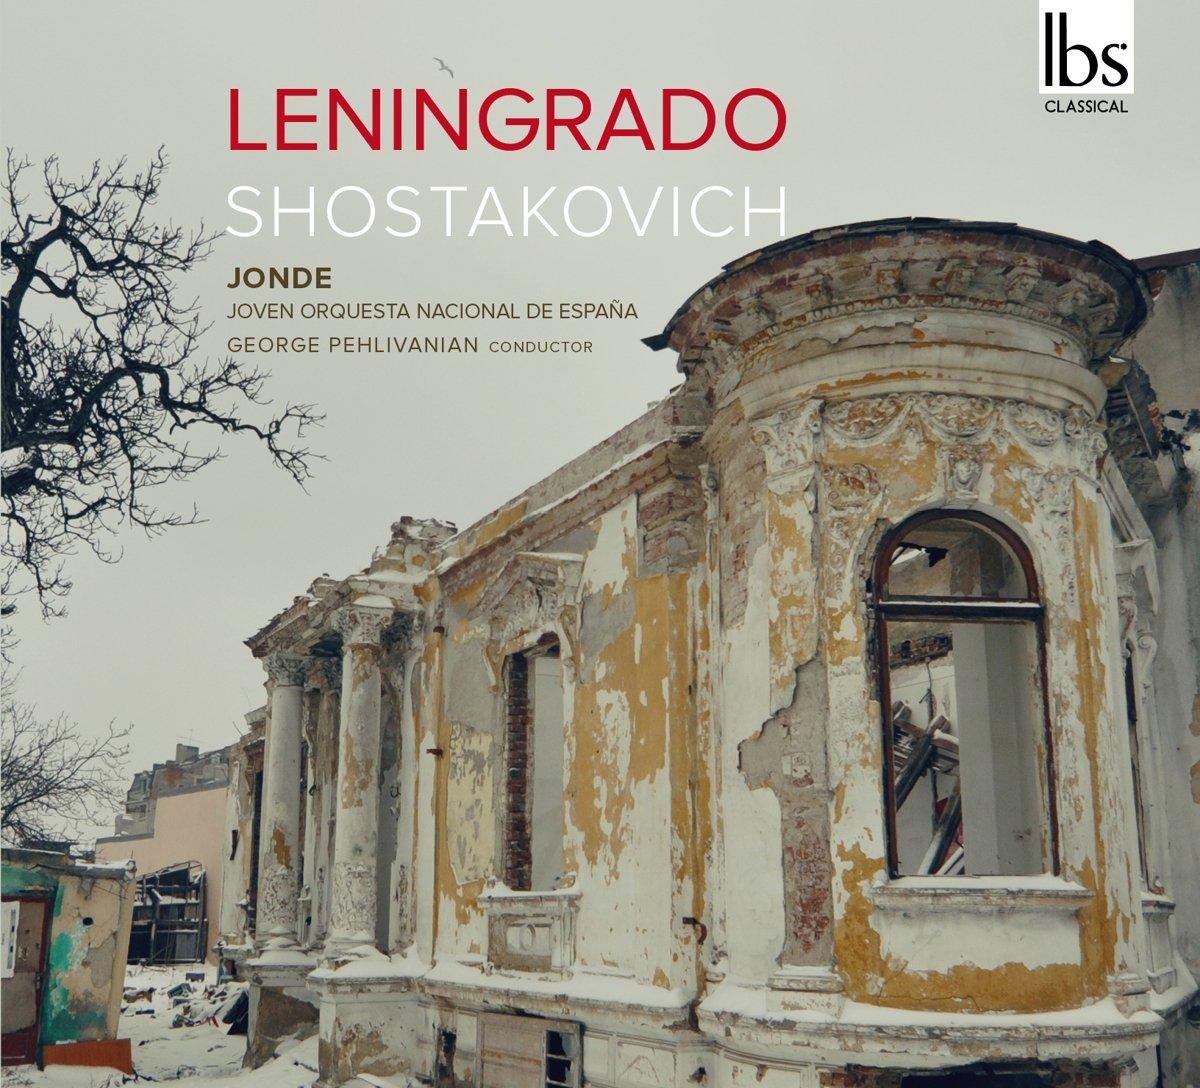 SHOSTAKOVICH: Leningrado: Joven orquesta nacional de españa ...